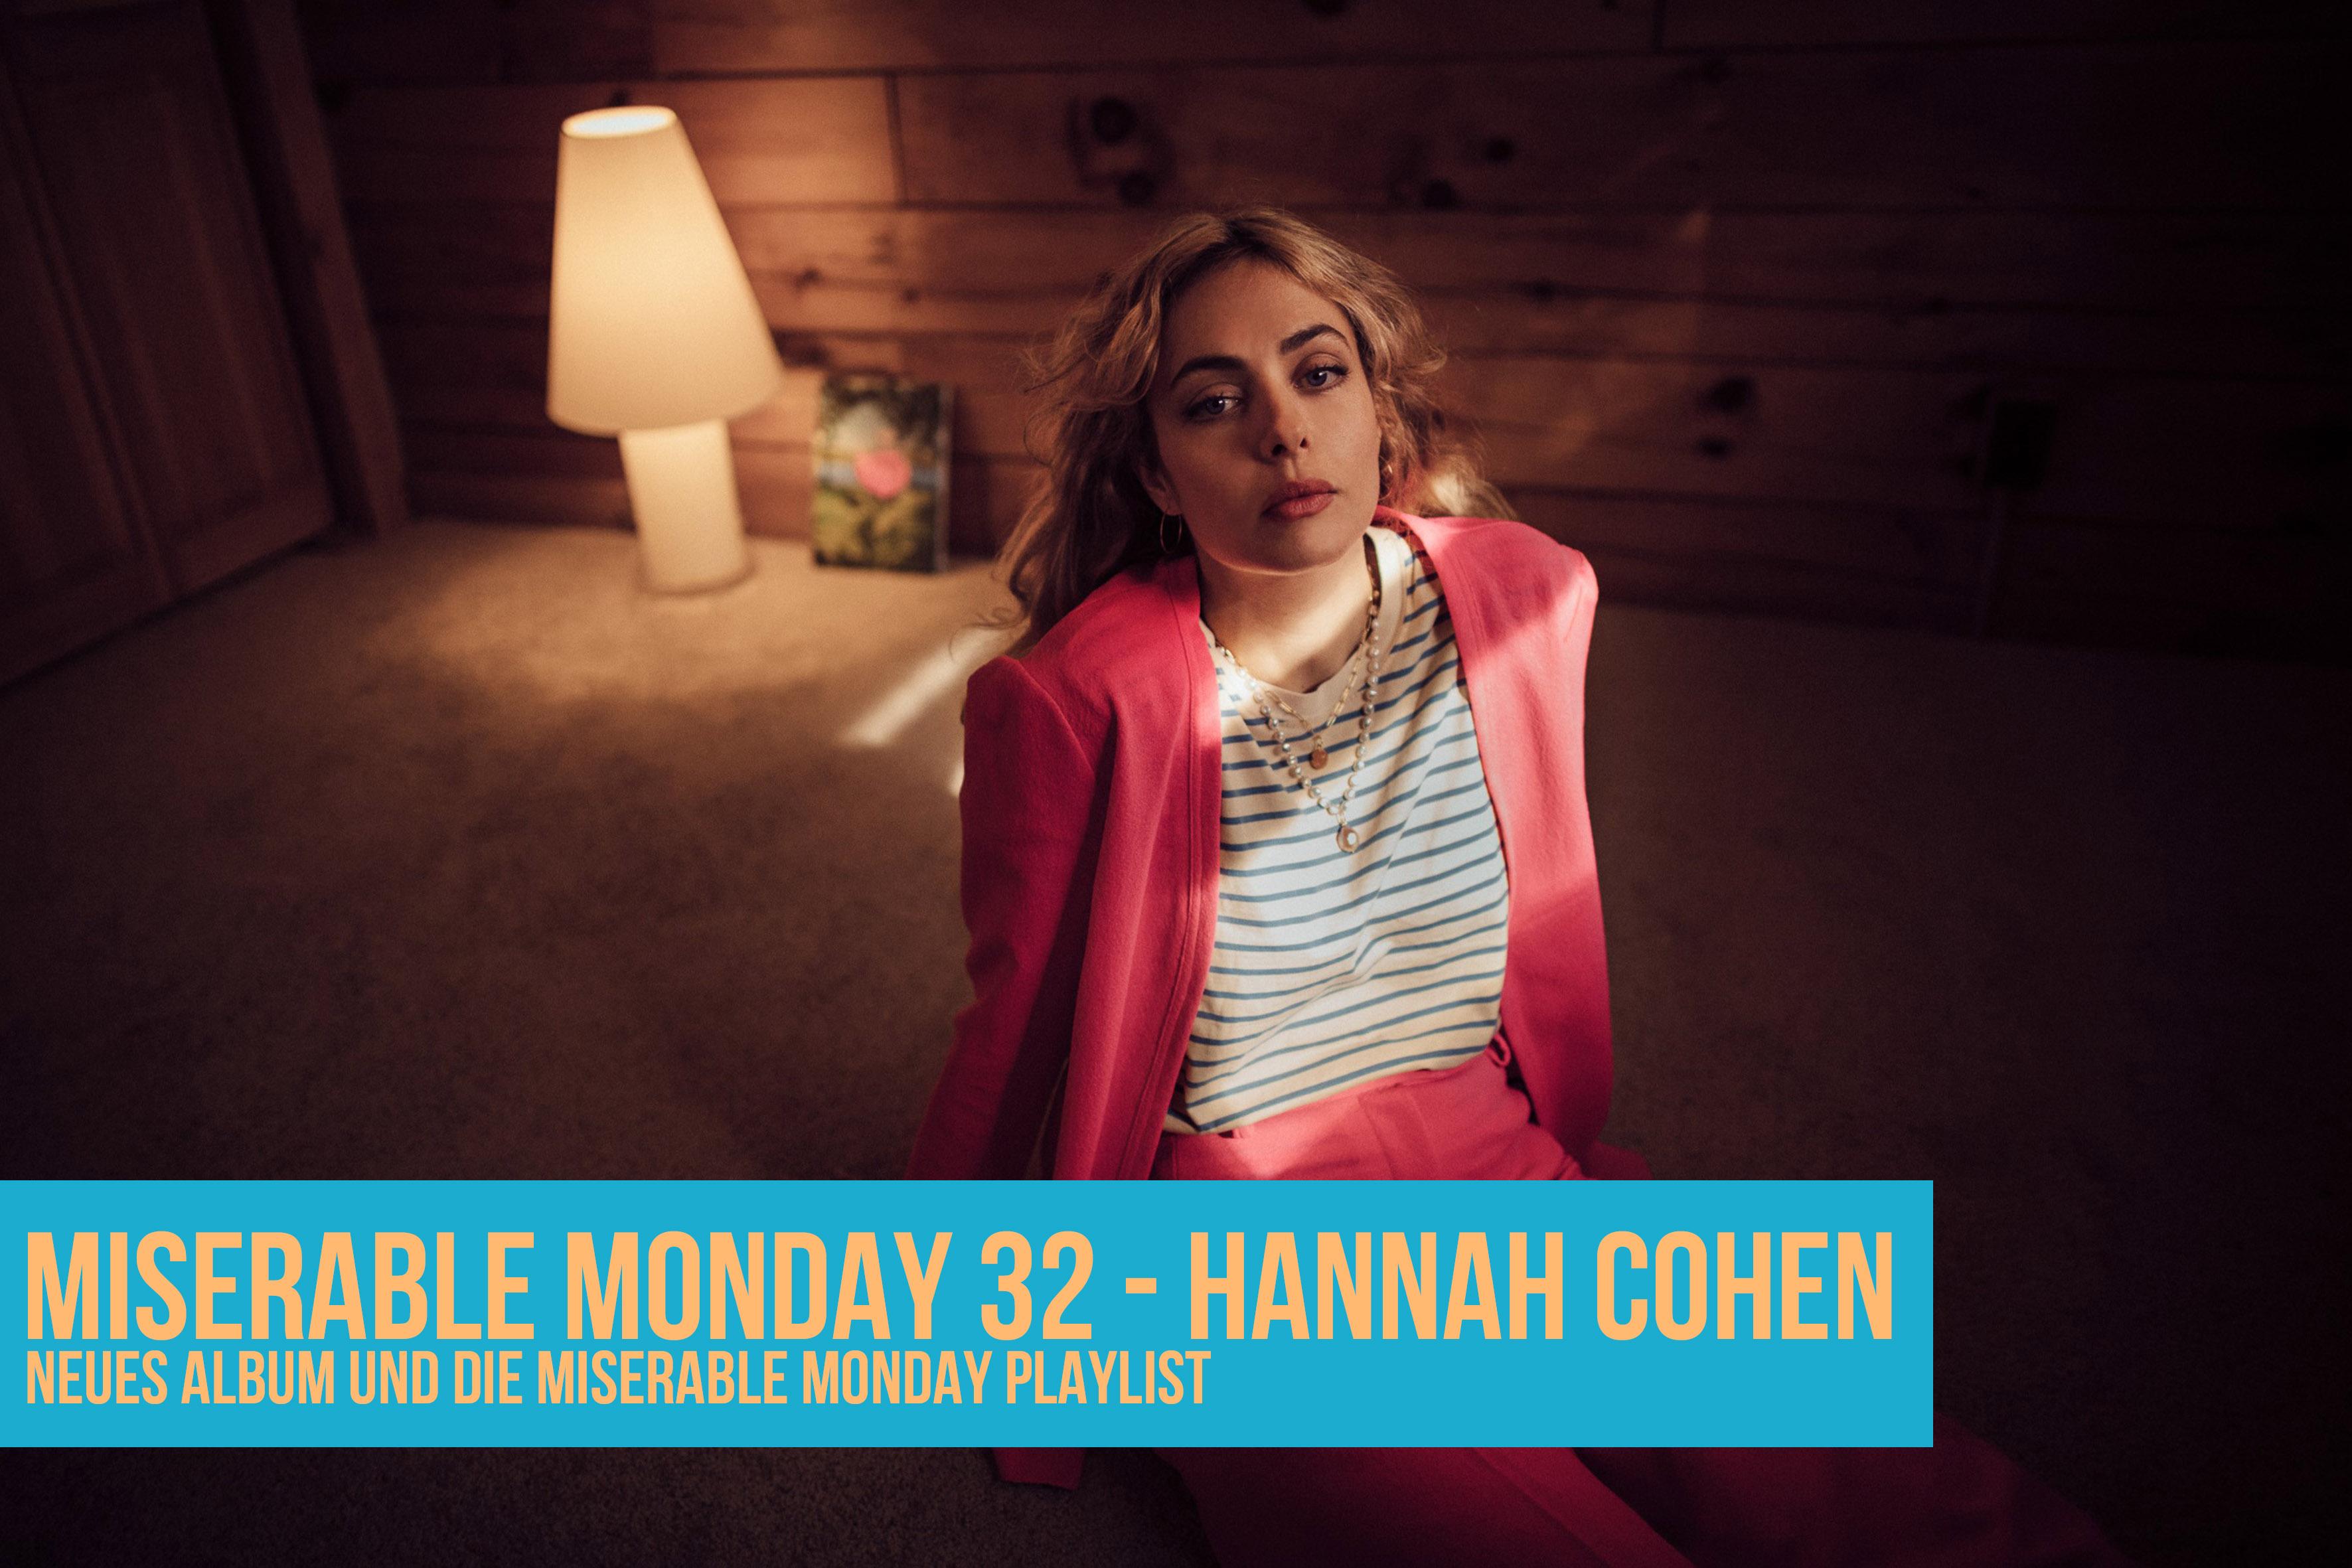 032 - Hannah Cohen